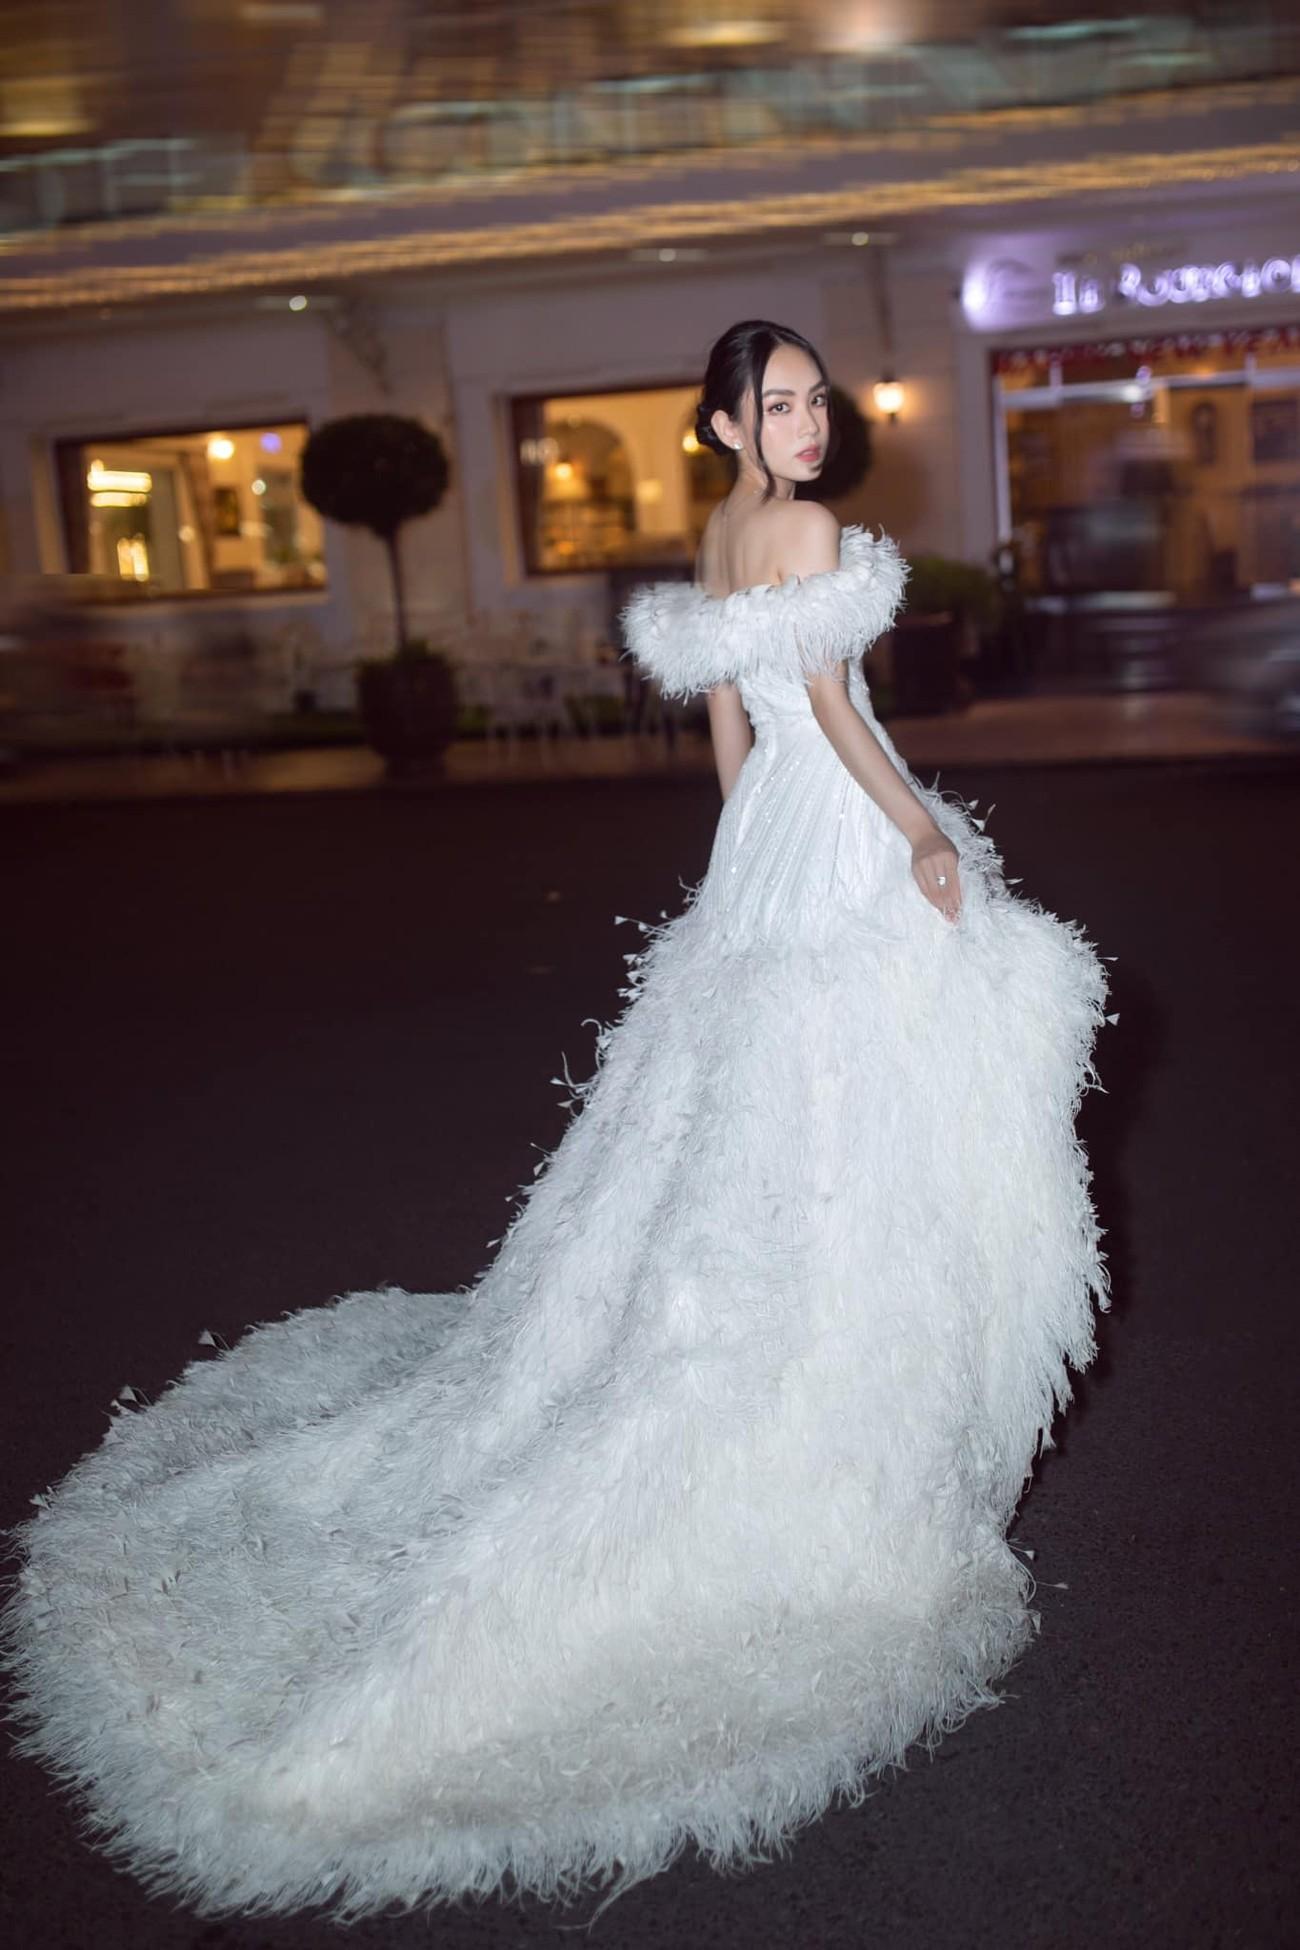 Diện váy cúp ngực gợi cảm, người đẹp Huỳnh Nguyễn Mai Phương hút hồn người nhìn ảnh 5